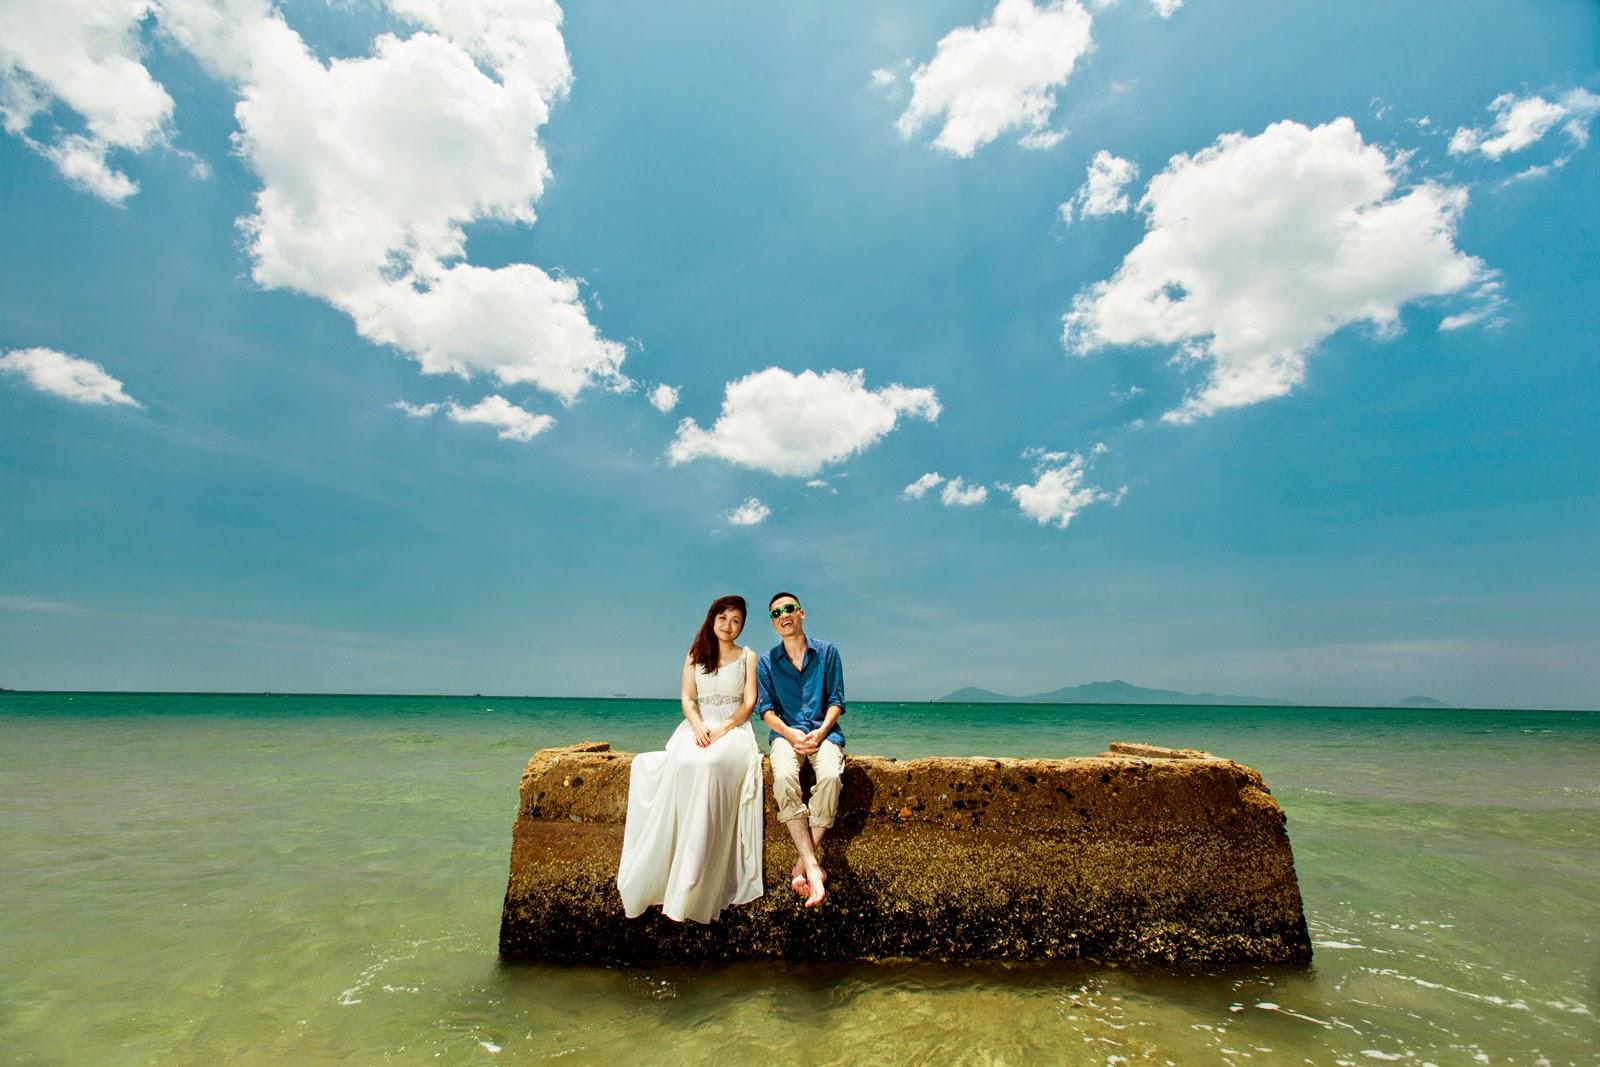 Đà Nẵng địa điểm chụp ảnh cưới